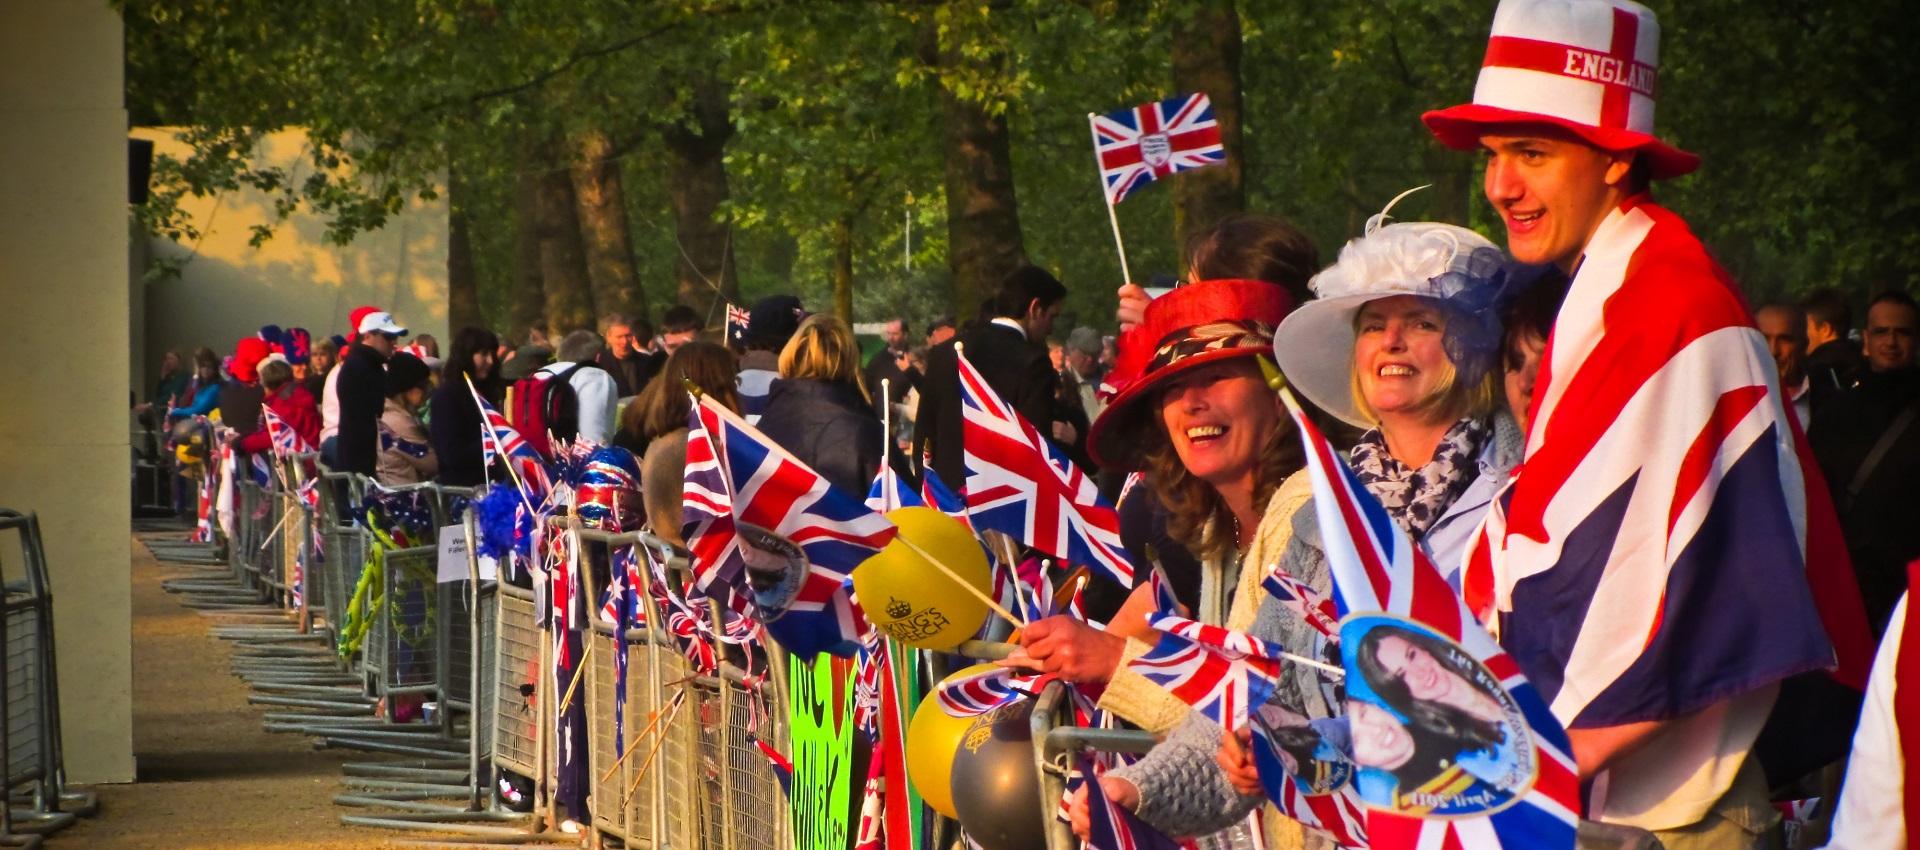 روزهای تعطیل در انگلستان